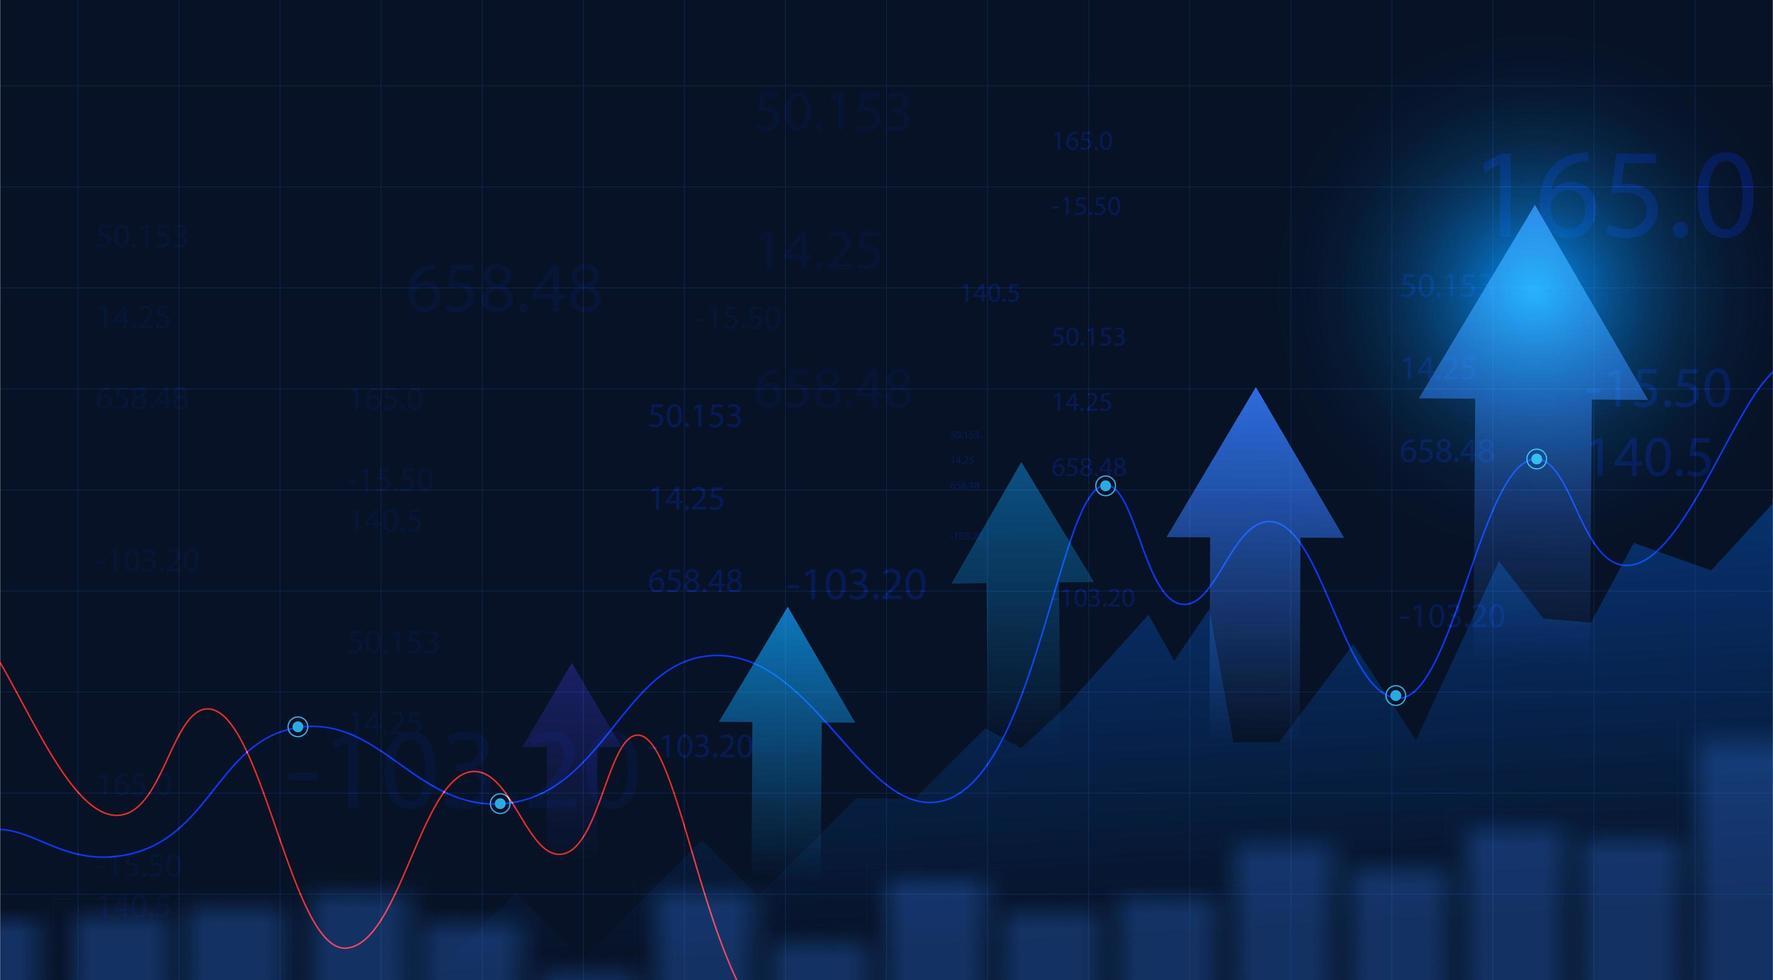 Graphique graphique de l & # 39; investissement boursier sur fond bleu vecteur